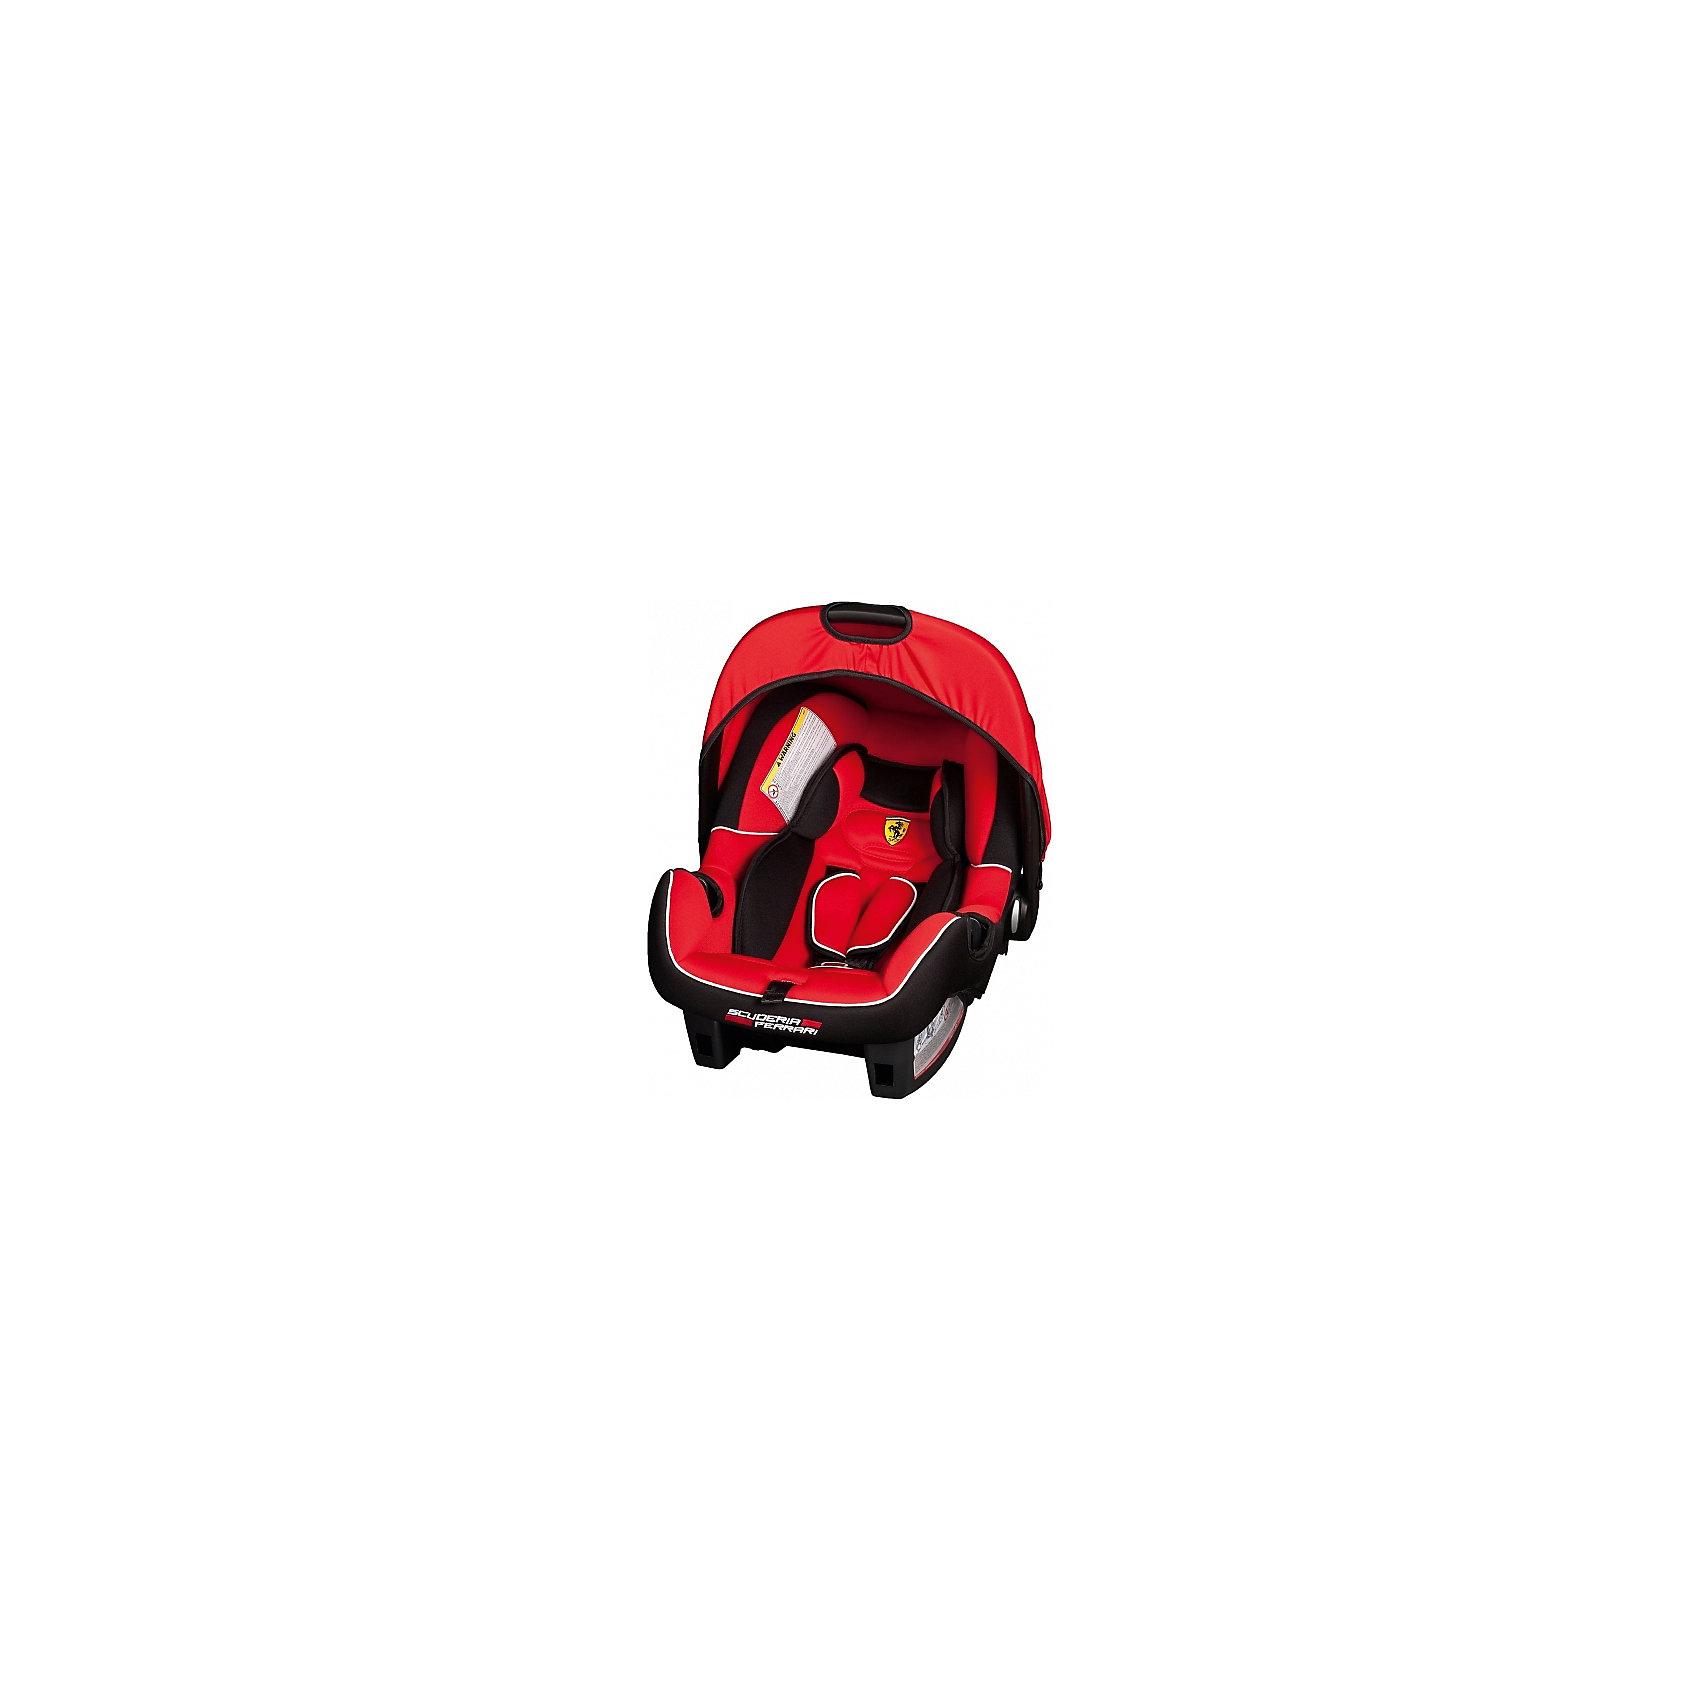 Автокресло Nania Beone SP 0-13 кг, corsa, FerrariГруппа 0+ (До 13 кг)<br>Качественное высокотехнологичное автокресло Beone SP  от Nania позволит перевозить ребенка, не беспокоясь при этом о его безопасности. Оно предназначено для детей весом от 0 до 13 килограмм. Такое кресло обеспечит малышу не только безопасность, но и комфорт. Прочный каркас анатомической формы сделан из полипропилена. Поглощающая силу удара прослойка произведена из полистирола. Есть 5точечные ремни безопасности с тремя уровнями регулировки по высоте и мягкими плечевыми накладками.<br>Автокресло устанавливают против хода движения. Есть улучшенный вкладыш и ручка для переноски ребенка. Такое кресло дает возможность свободно путешествовать, ездить в гости и при этом  быть рядом с малышом. Конструкция - очень удобная и прочная. Изделие произведено из качественных и безопасных для малышей материалов, оно соответствуют всем современным требованиям безопасности. Дополнено съемным чехлом, который можно стирать. Соответствует Европейскому Стандарту Безопасности ECE R44/03.<br> <br>Дополнительная информация:<br><br>цвет: красный, с логотипом Феррари;<br>материал: текстиль, пластик;<br>вес ребенка:  0 до 13 кг;<br>вес кресла: 7,69 кг;<br>ручка для переноски;<br>регулируемые 5точечные ремни безопасности;<br>съемный чехол.<br><br>Автокресло Beone SP 0-13 кг., от компании Nania можно купить в нашем магазине.<br><br>Ширина мм: 390<br>Глубина мм: 720<br>Высота мм: 400<br>Вес г: 7690<br>Возраст от месяцев: 0<br>Возраст до месяцев: 12<br>Пол: Мужской<br>Возраст: Детский<br>SKU: 4860516